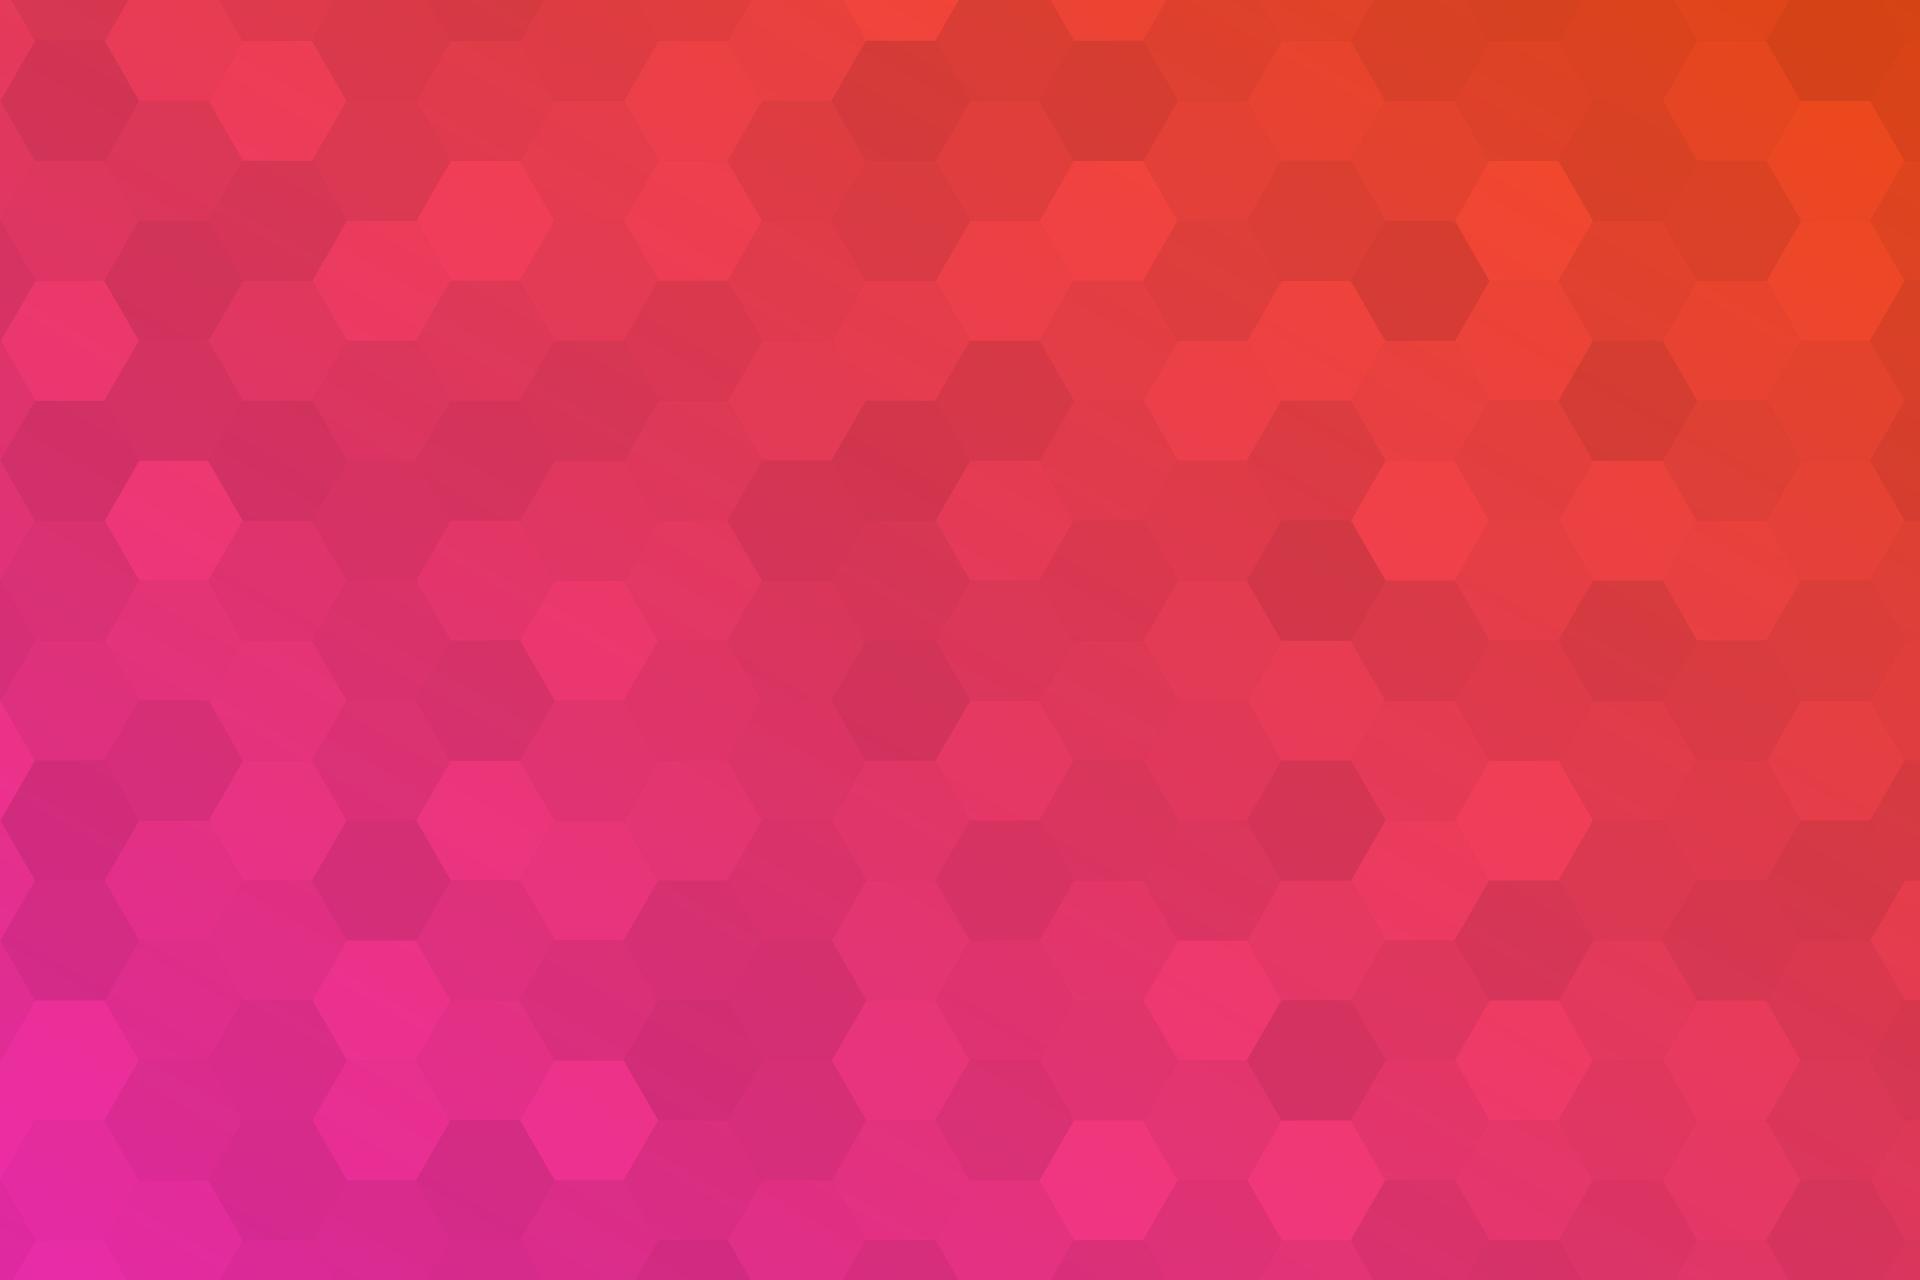 hexography_salmon